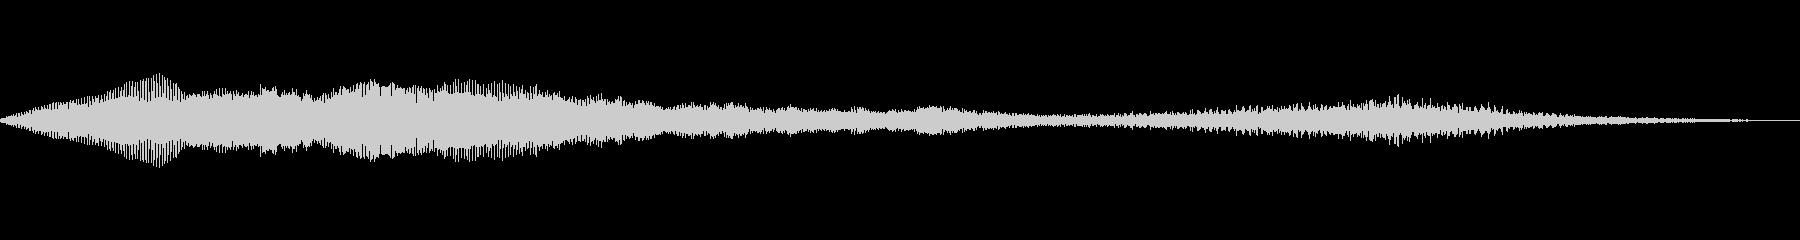 神秘的なアクセントを持つ未知の低音の未再生の波形